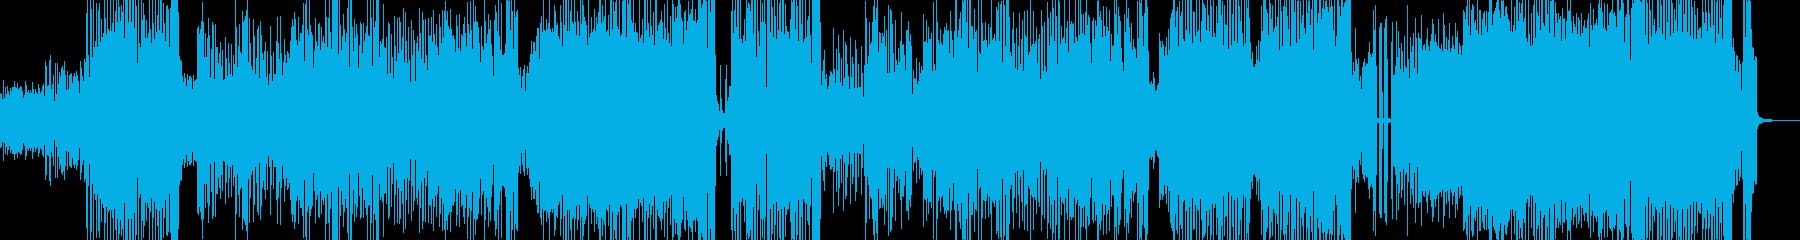 全開キュートな雰囲気・テクノ エレキ無★の再生済みの波形